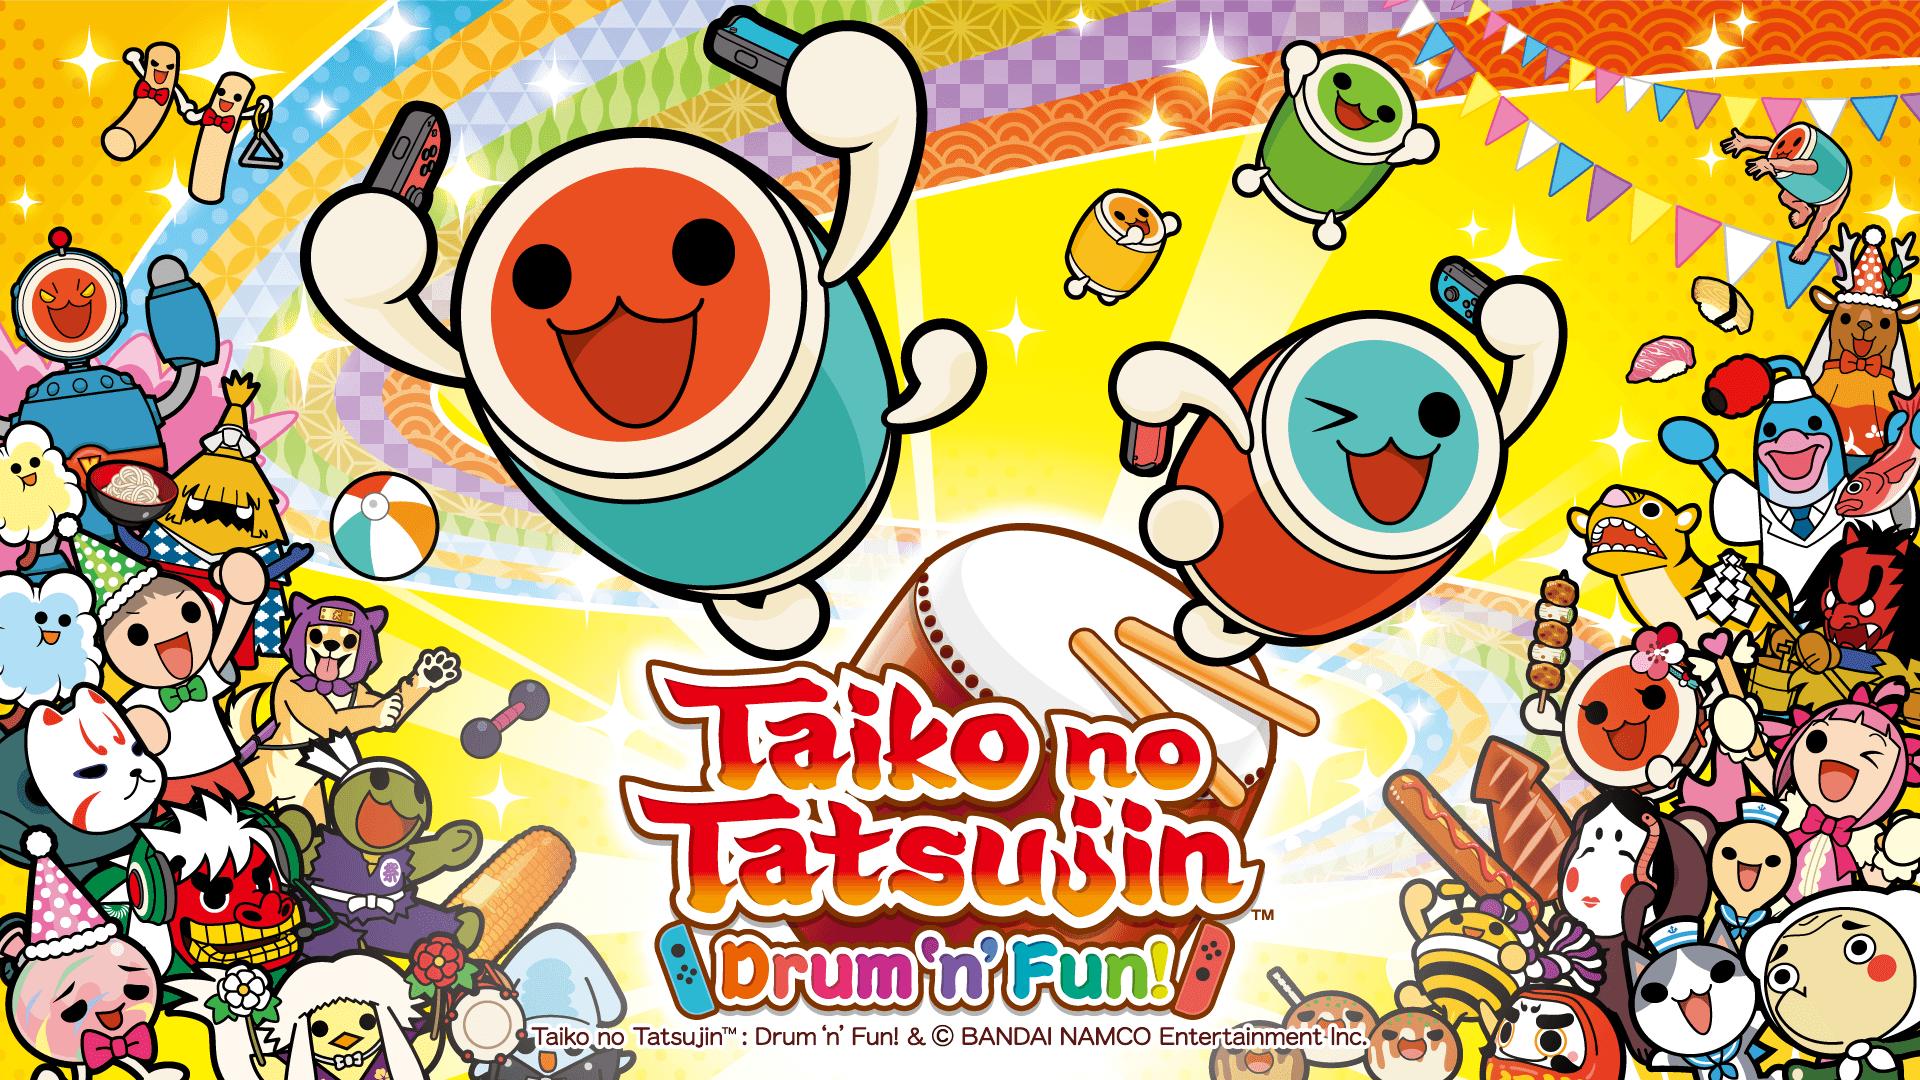 Taiko no Tatsujin evidenza